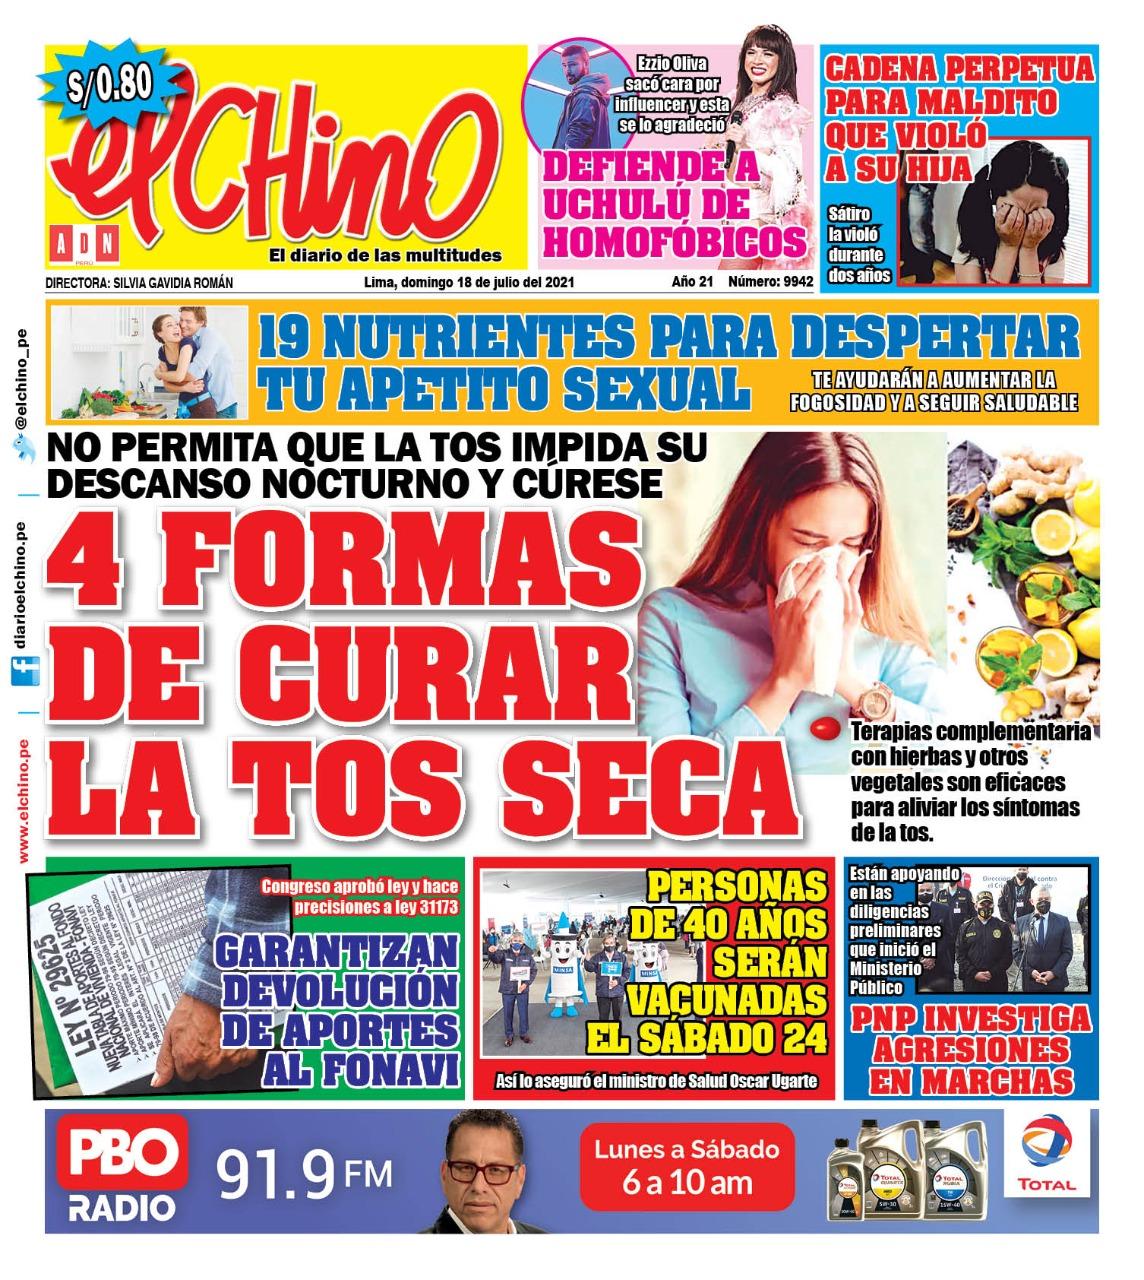 Portada impresa – Diario El Chino (18/07/2021)